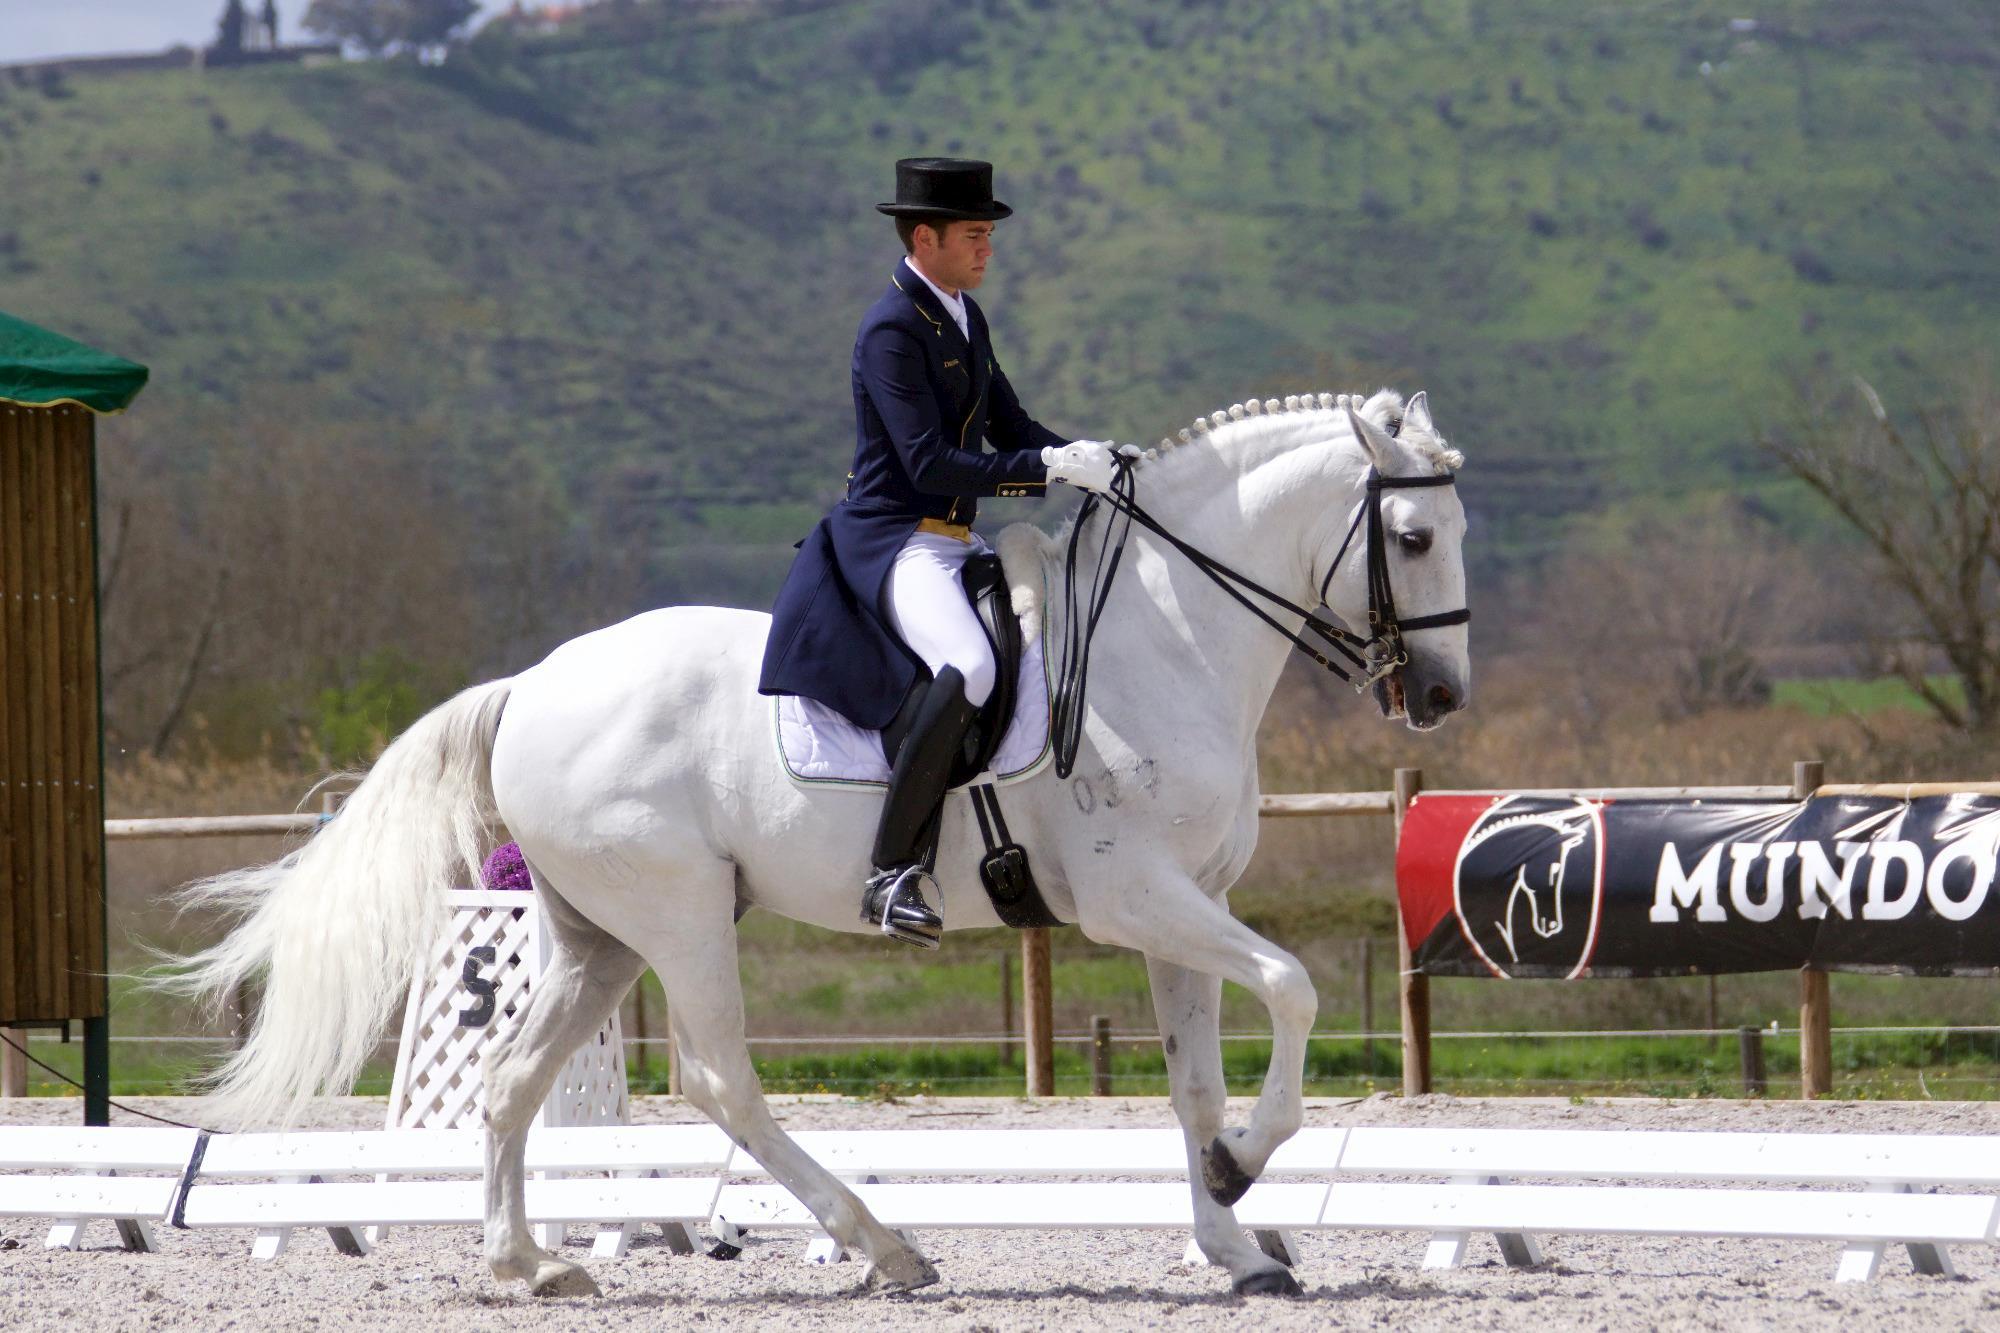 weg 2018, 2018, João Vicor Oliva, dressage, adestramento, Jogos Equestres, Rui Godinho